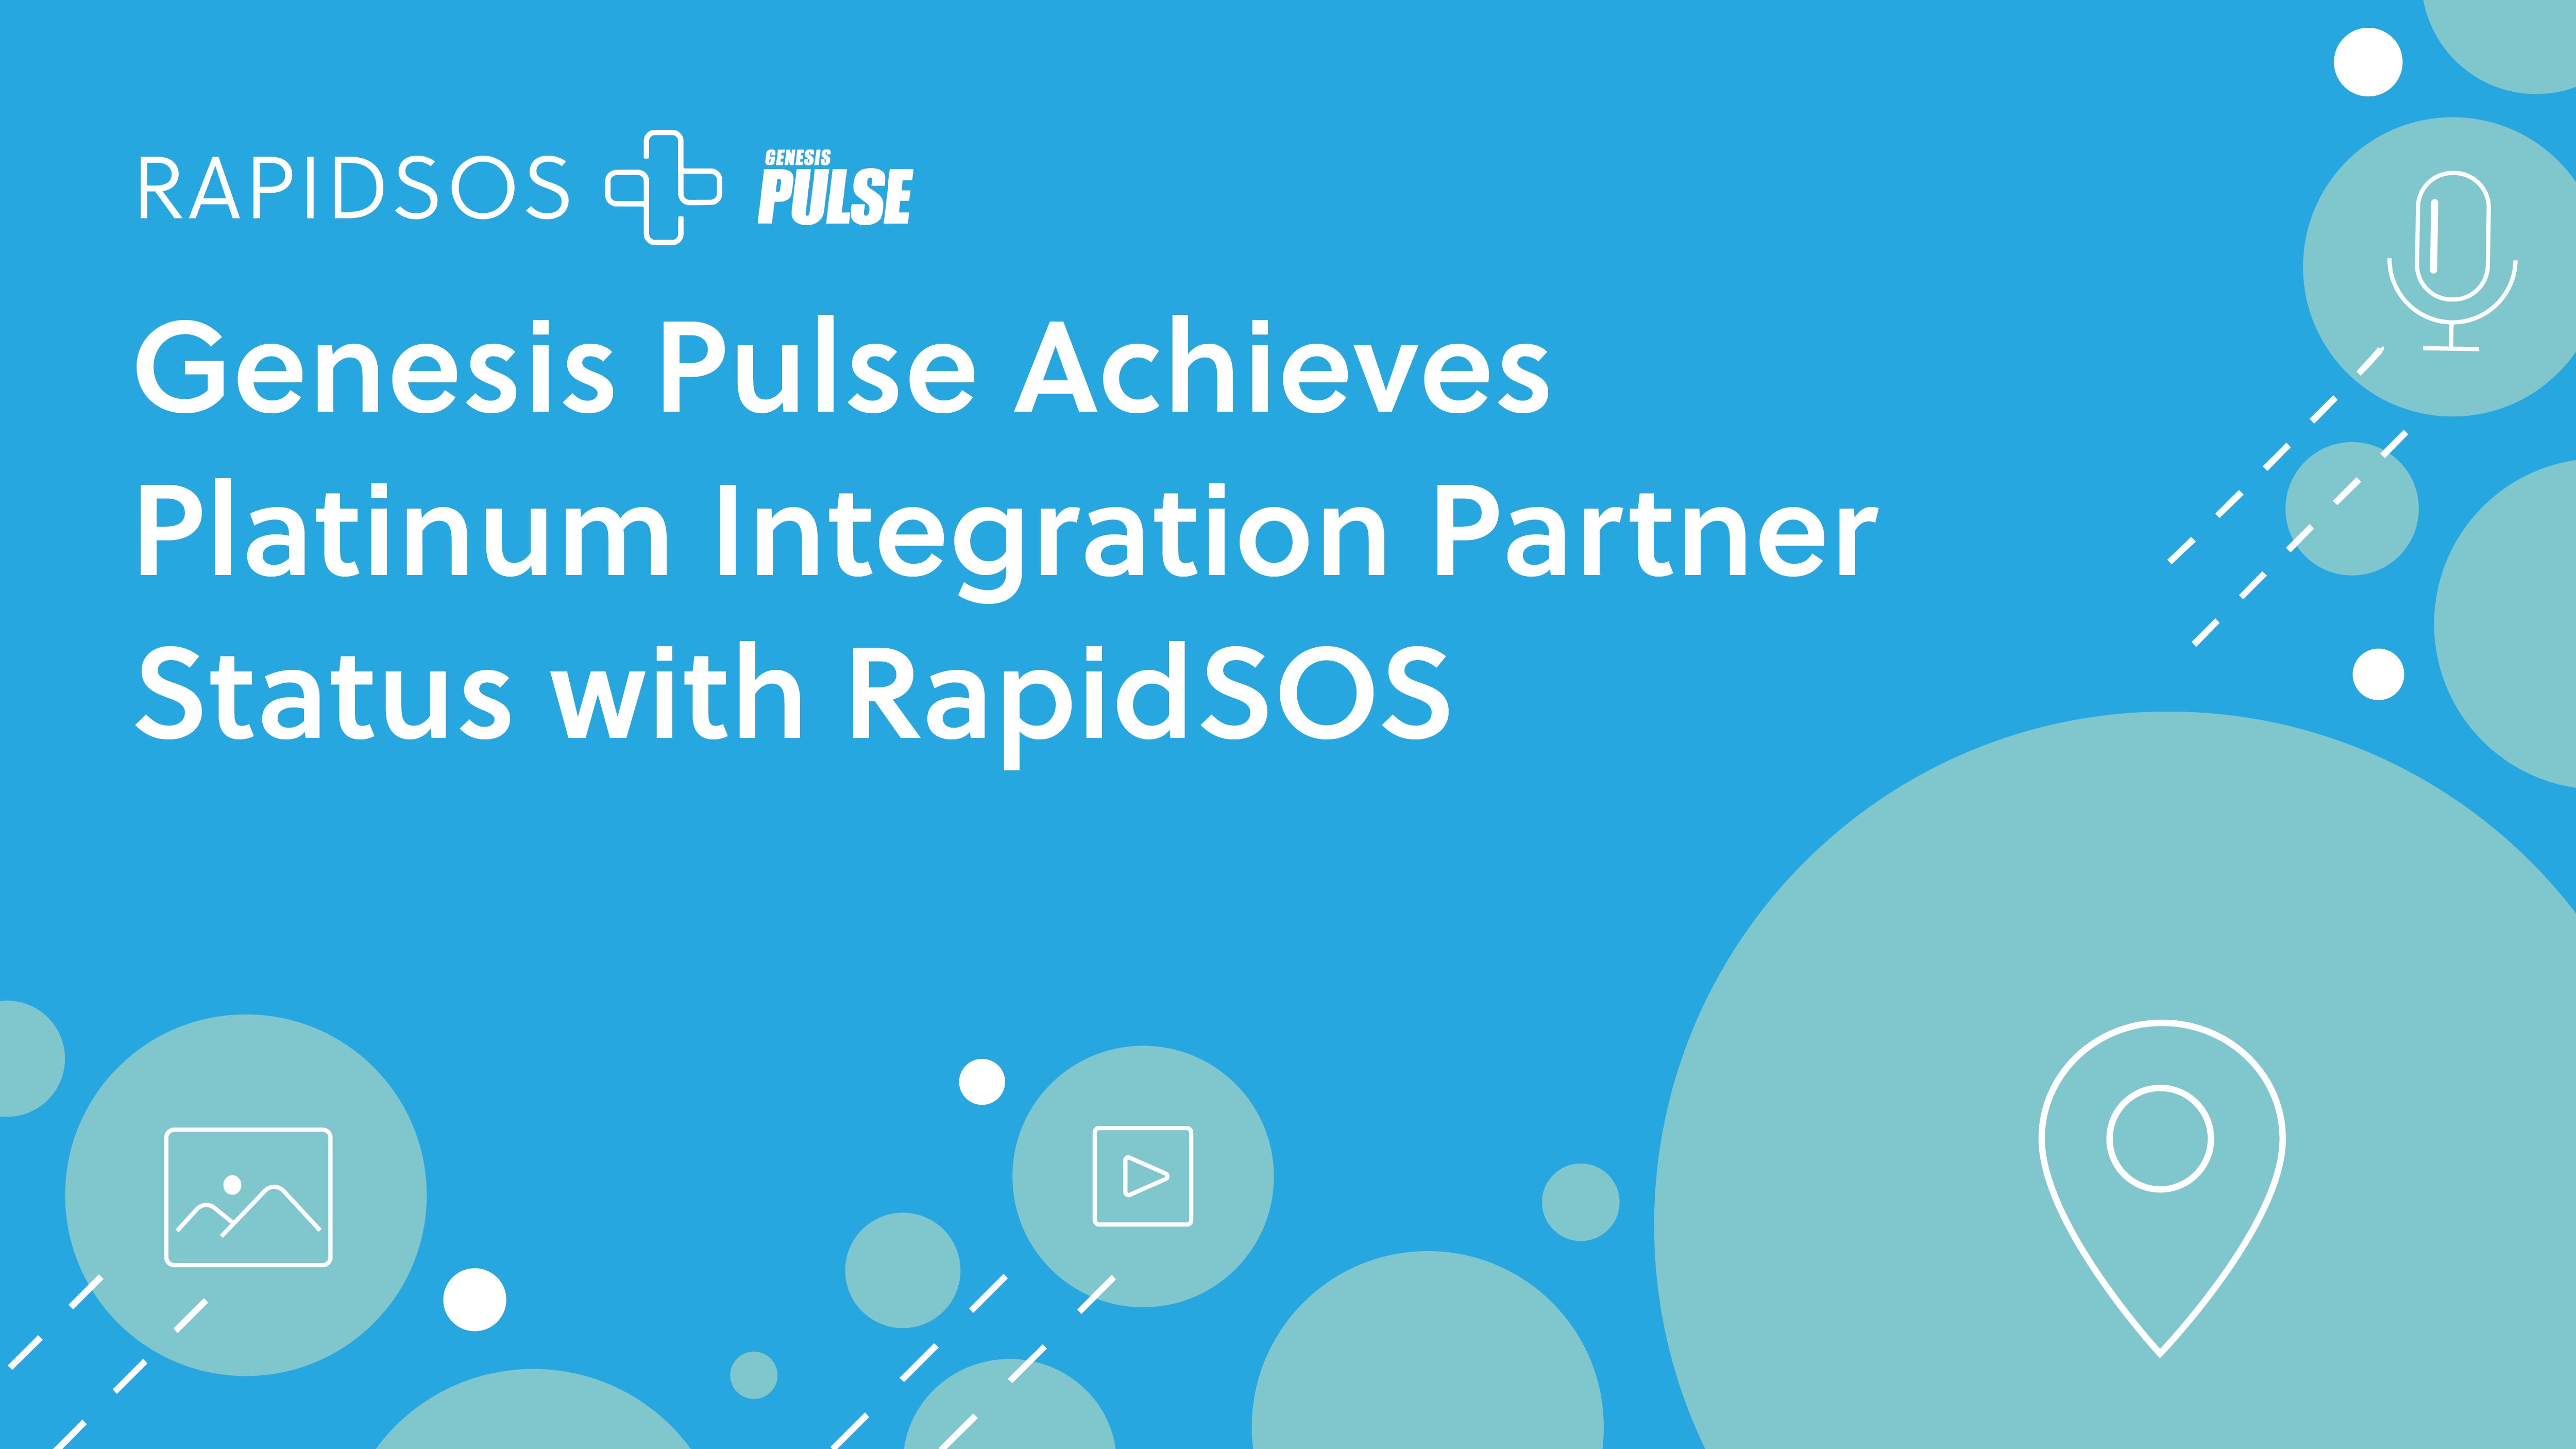 RapidSOS Genesis Pulse Platinum